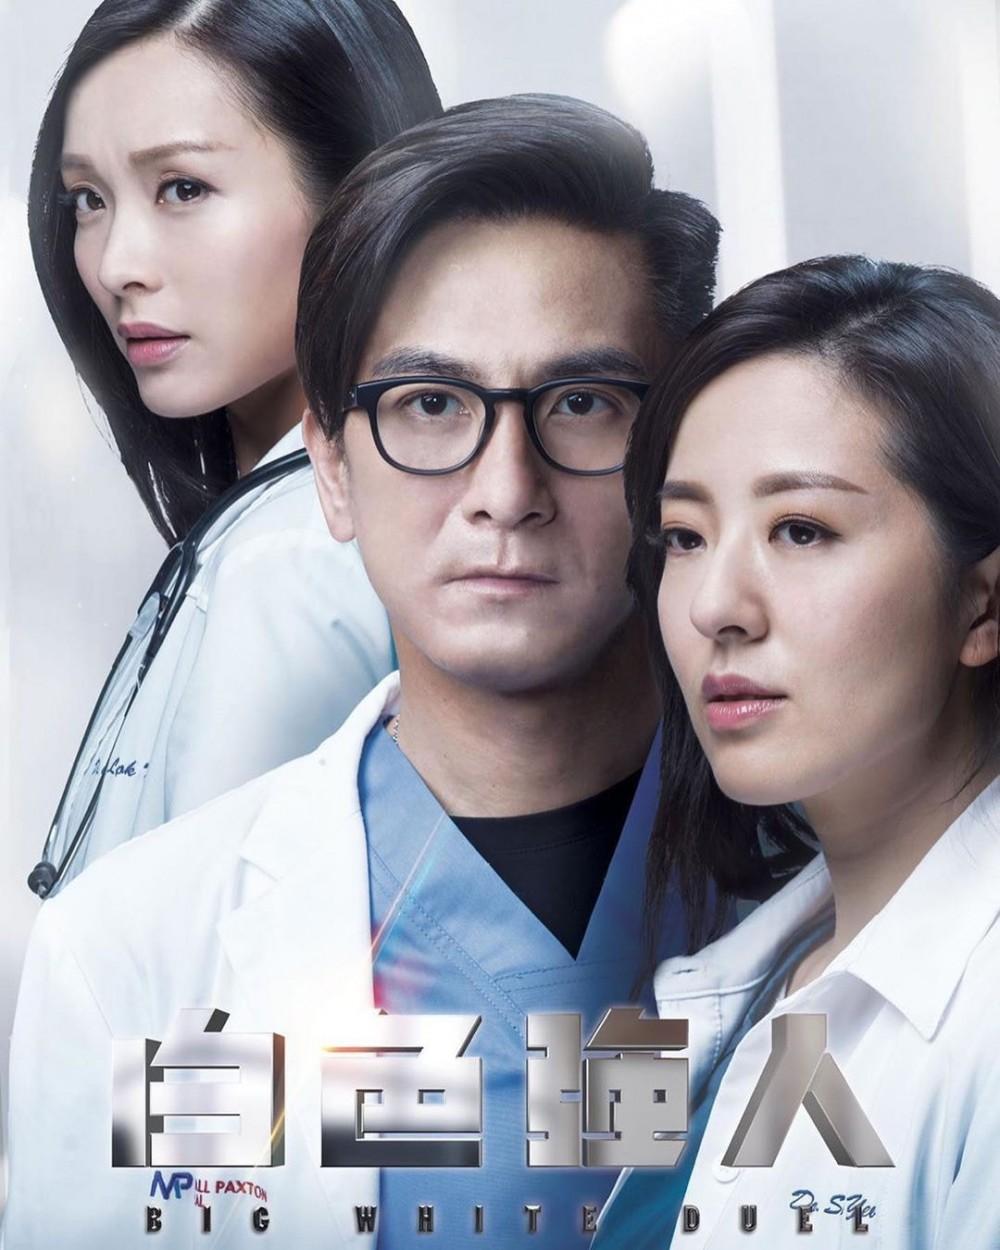 馬國明、唐詩詠、李佳芯主演TVB醫療劇《白色強人》開拍續集